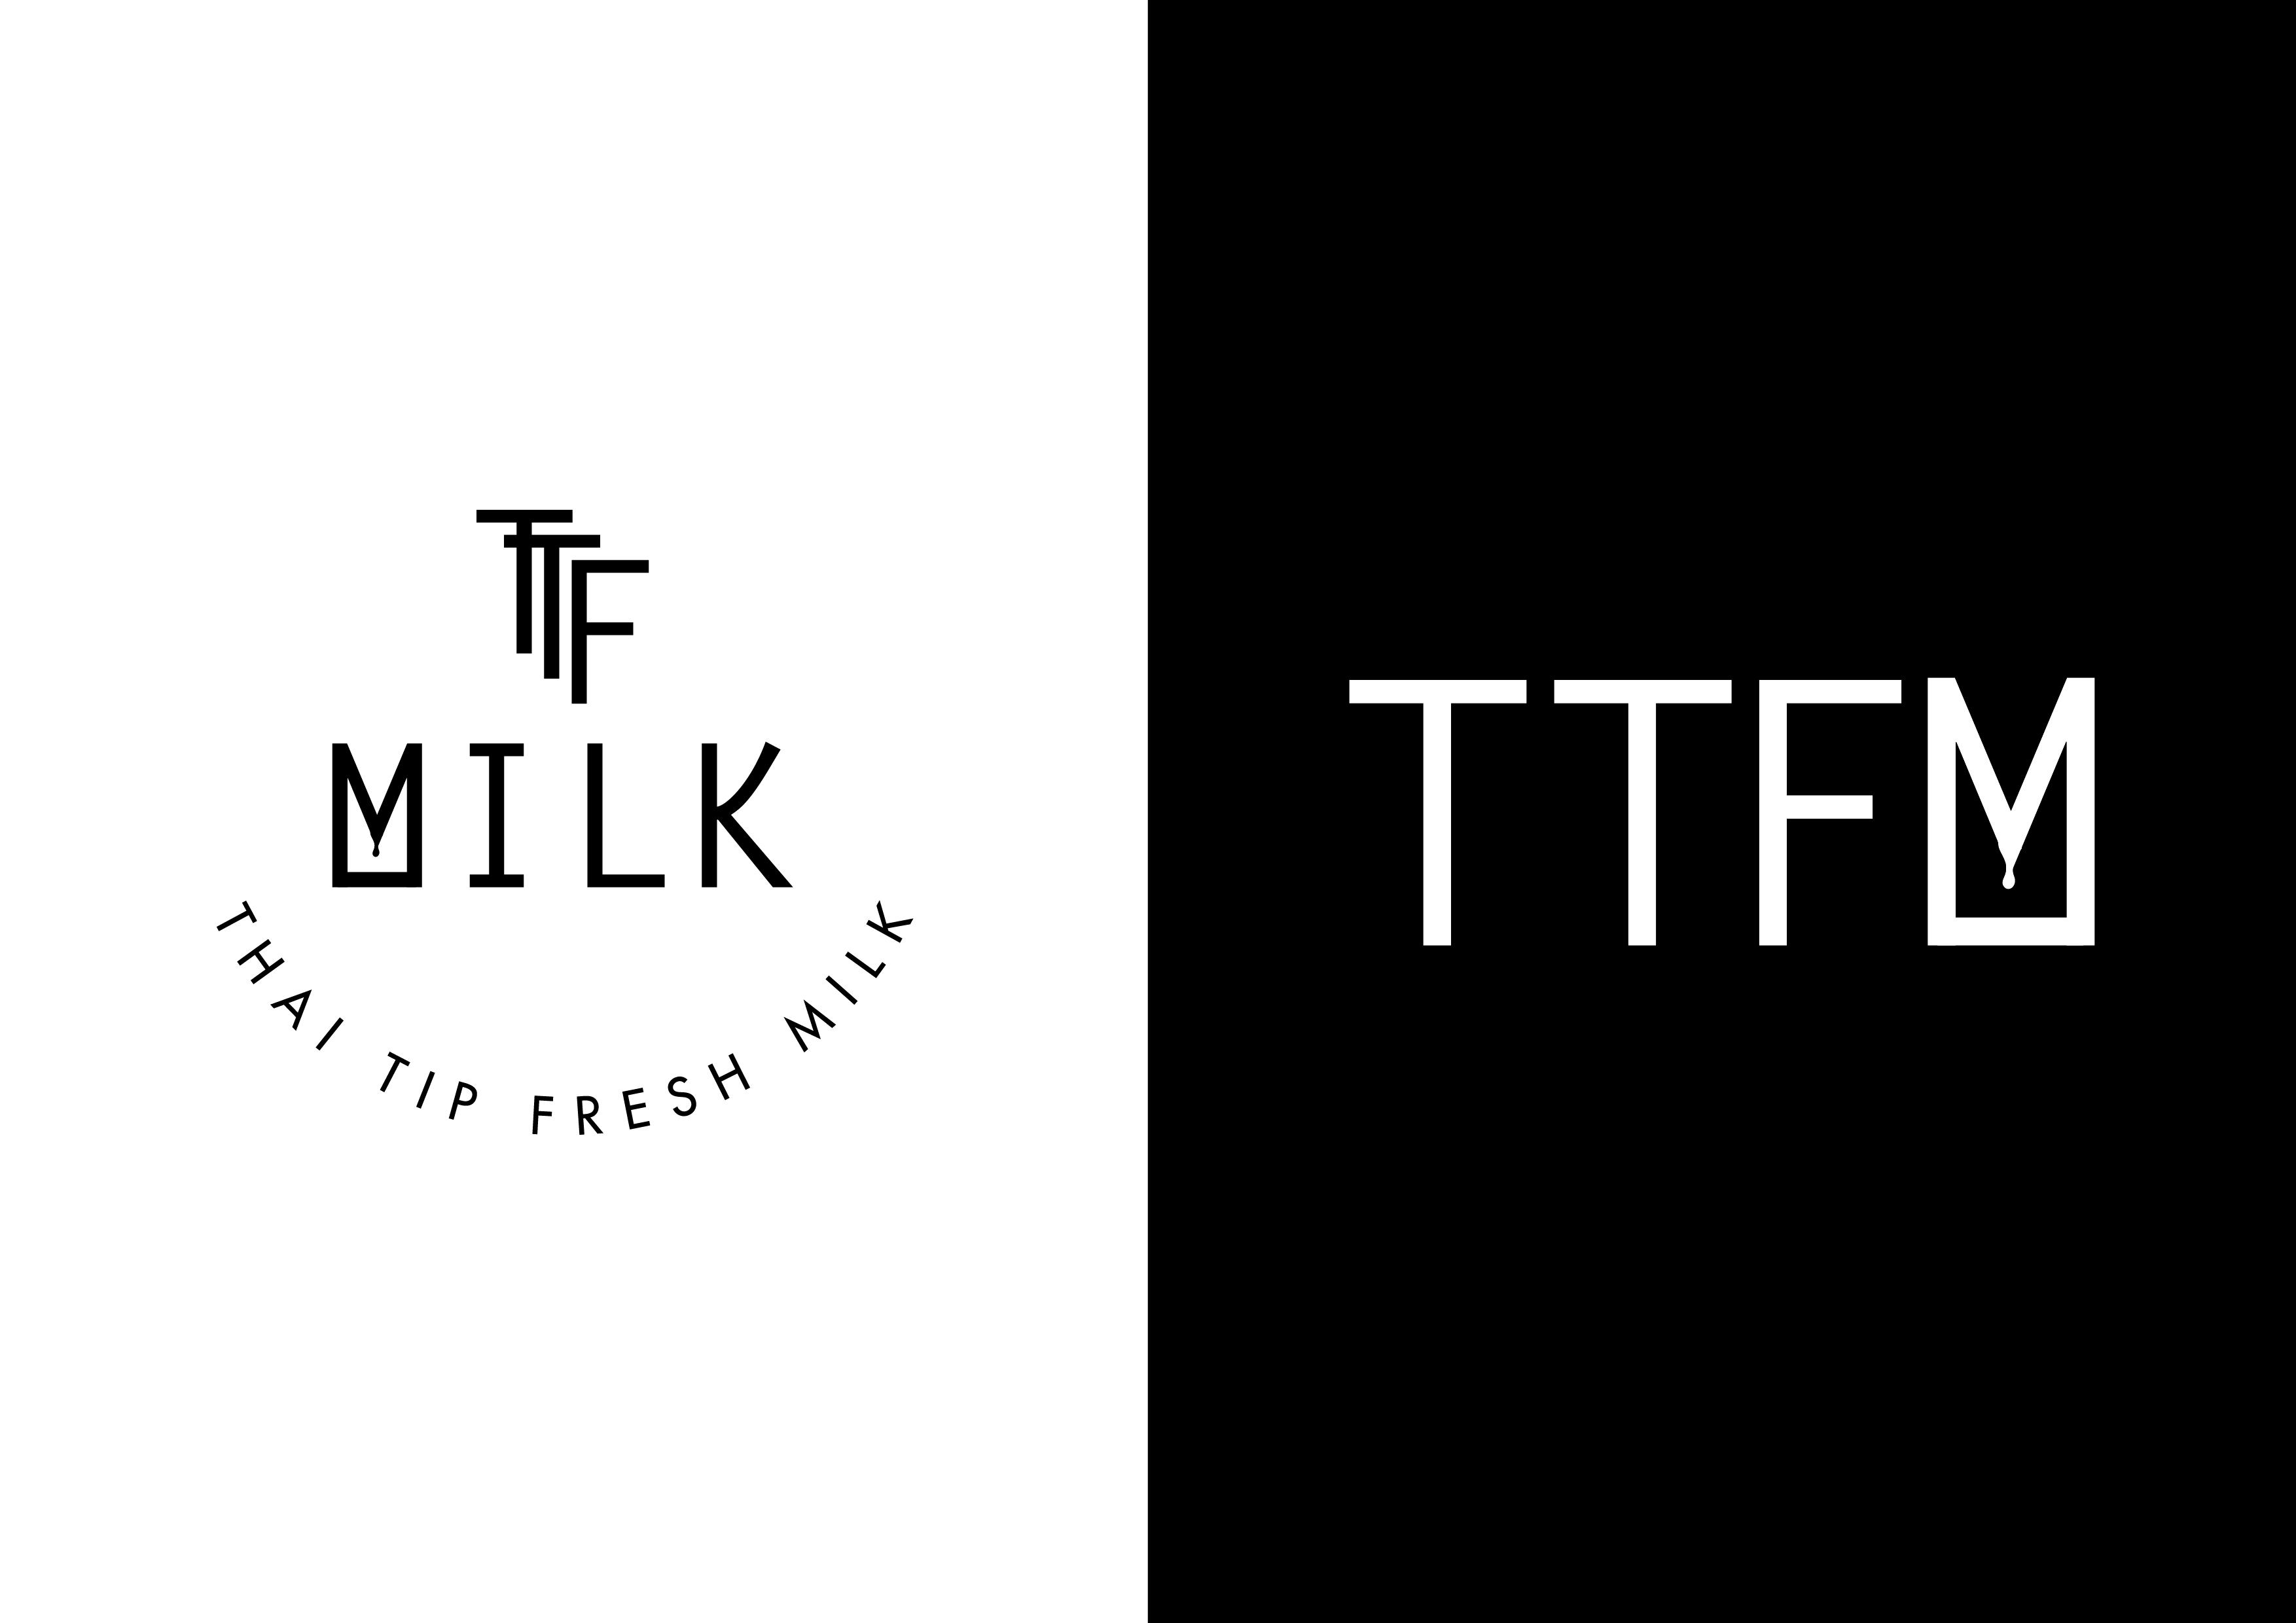 ttfm_vi_2-04